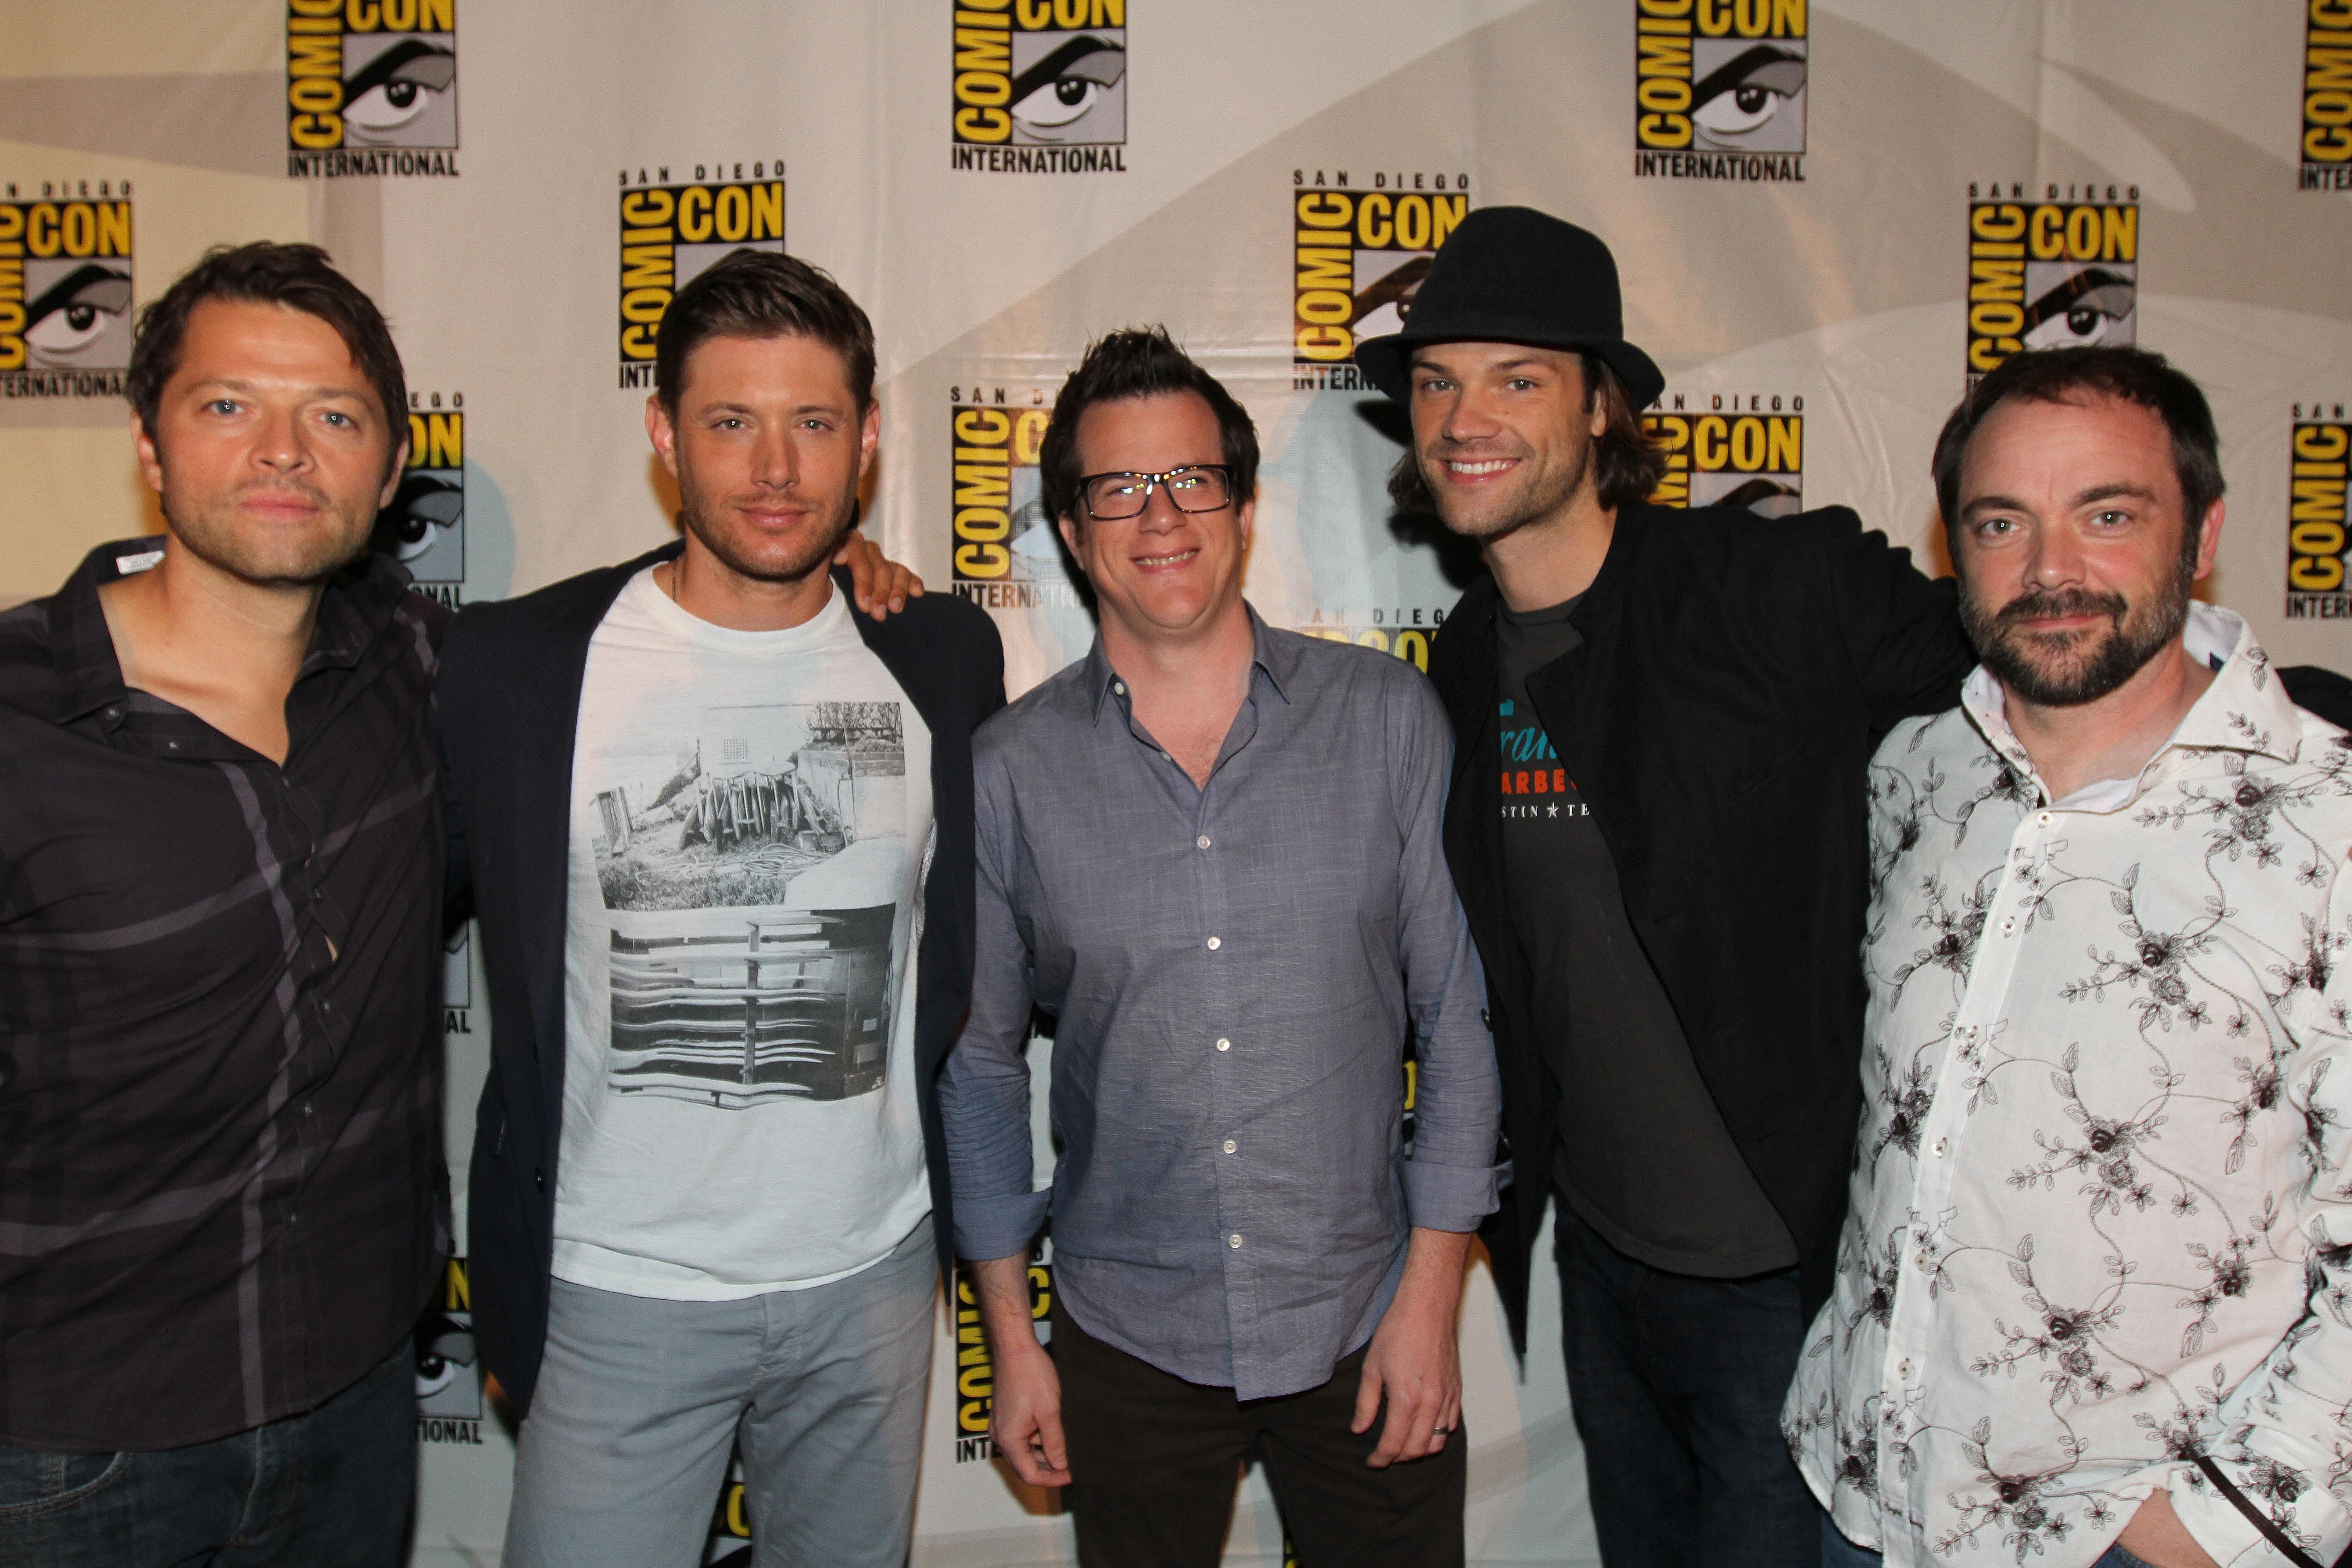 SUPERNATURAL at Comic-Con